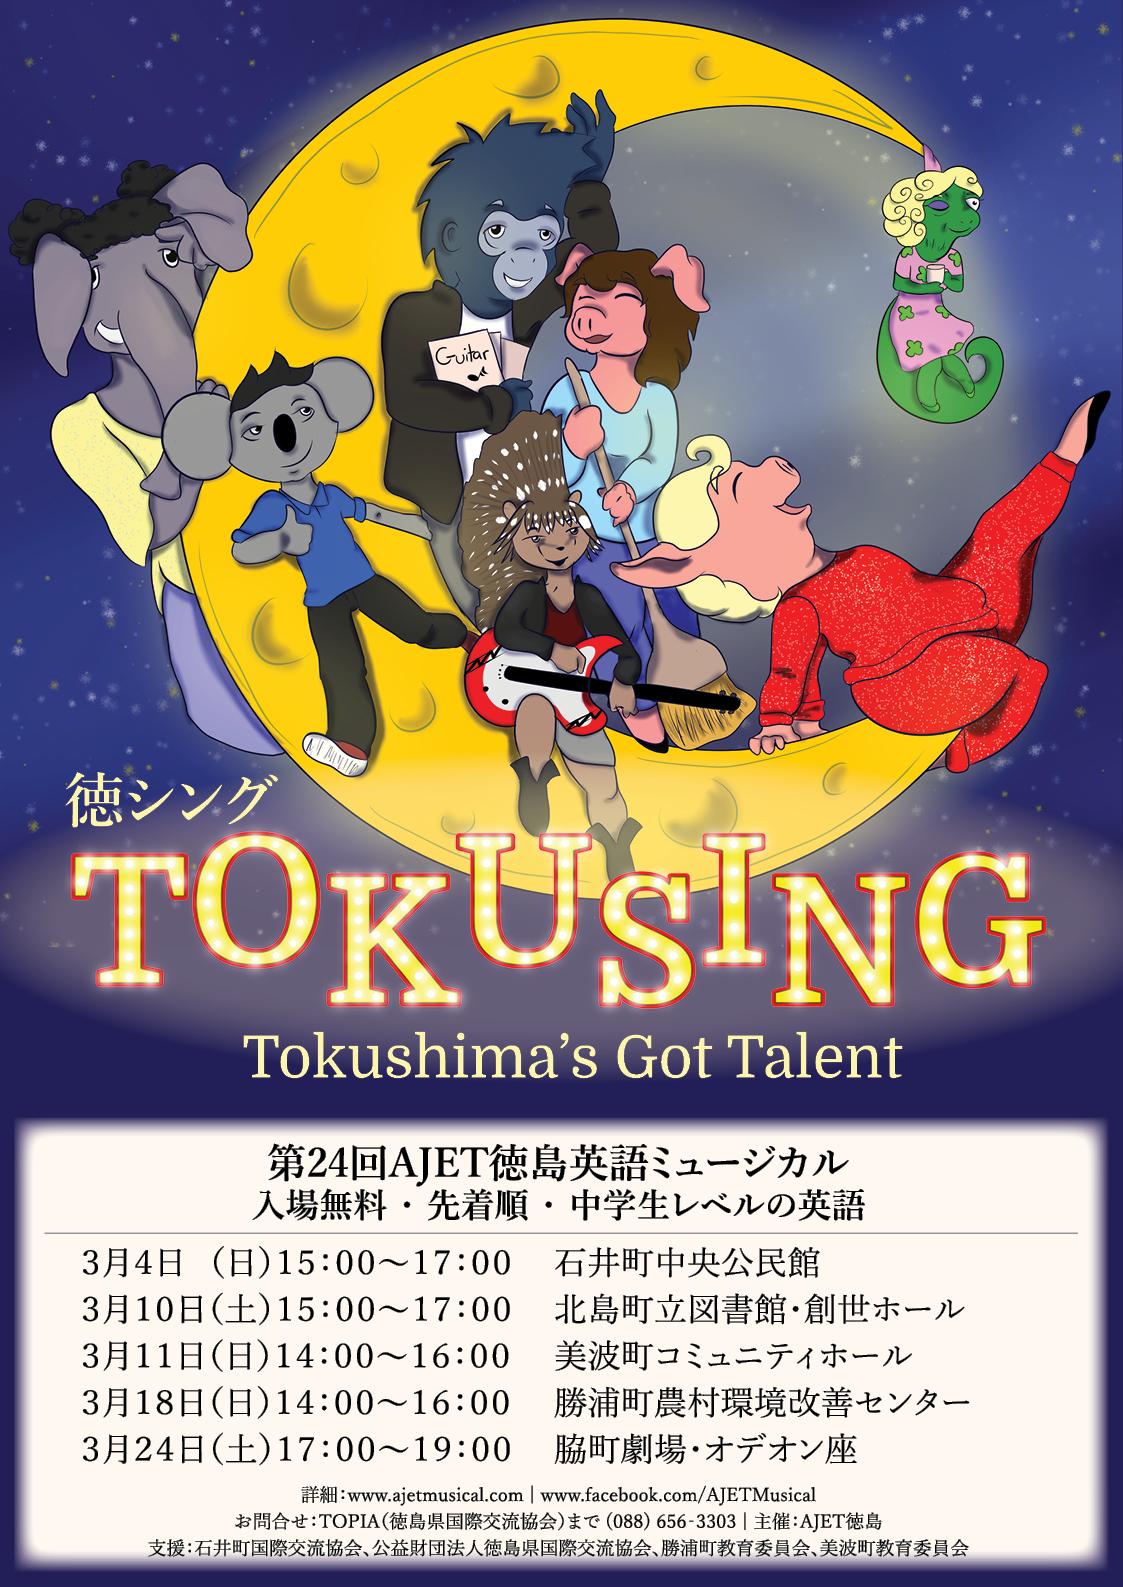 徳SING poster (日本語)